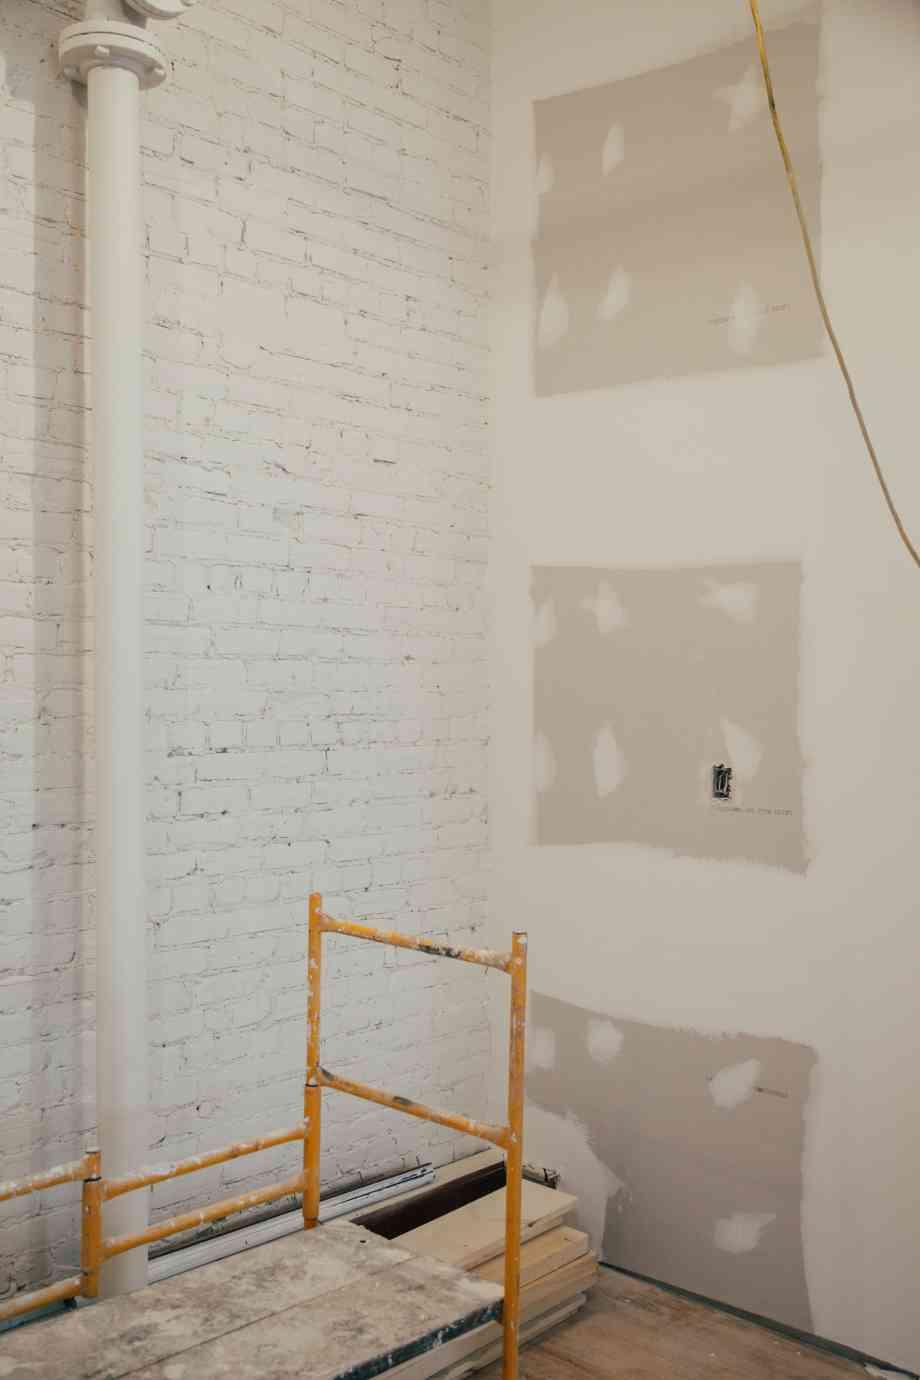 Lessiver Un Mur Avant Peinture comment préparer un mur avant de le peindre ?